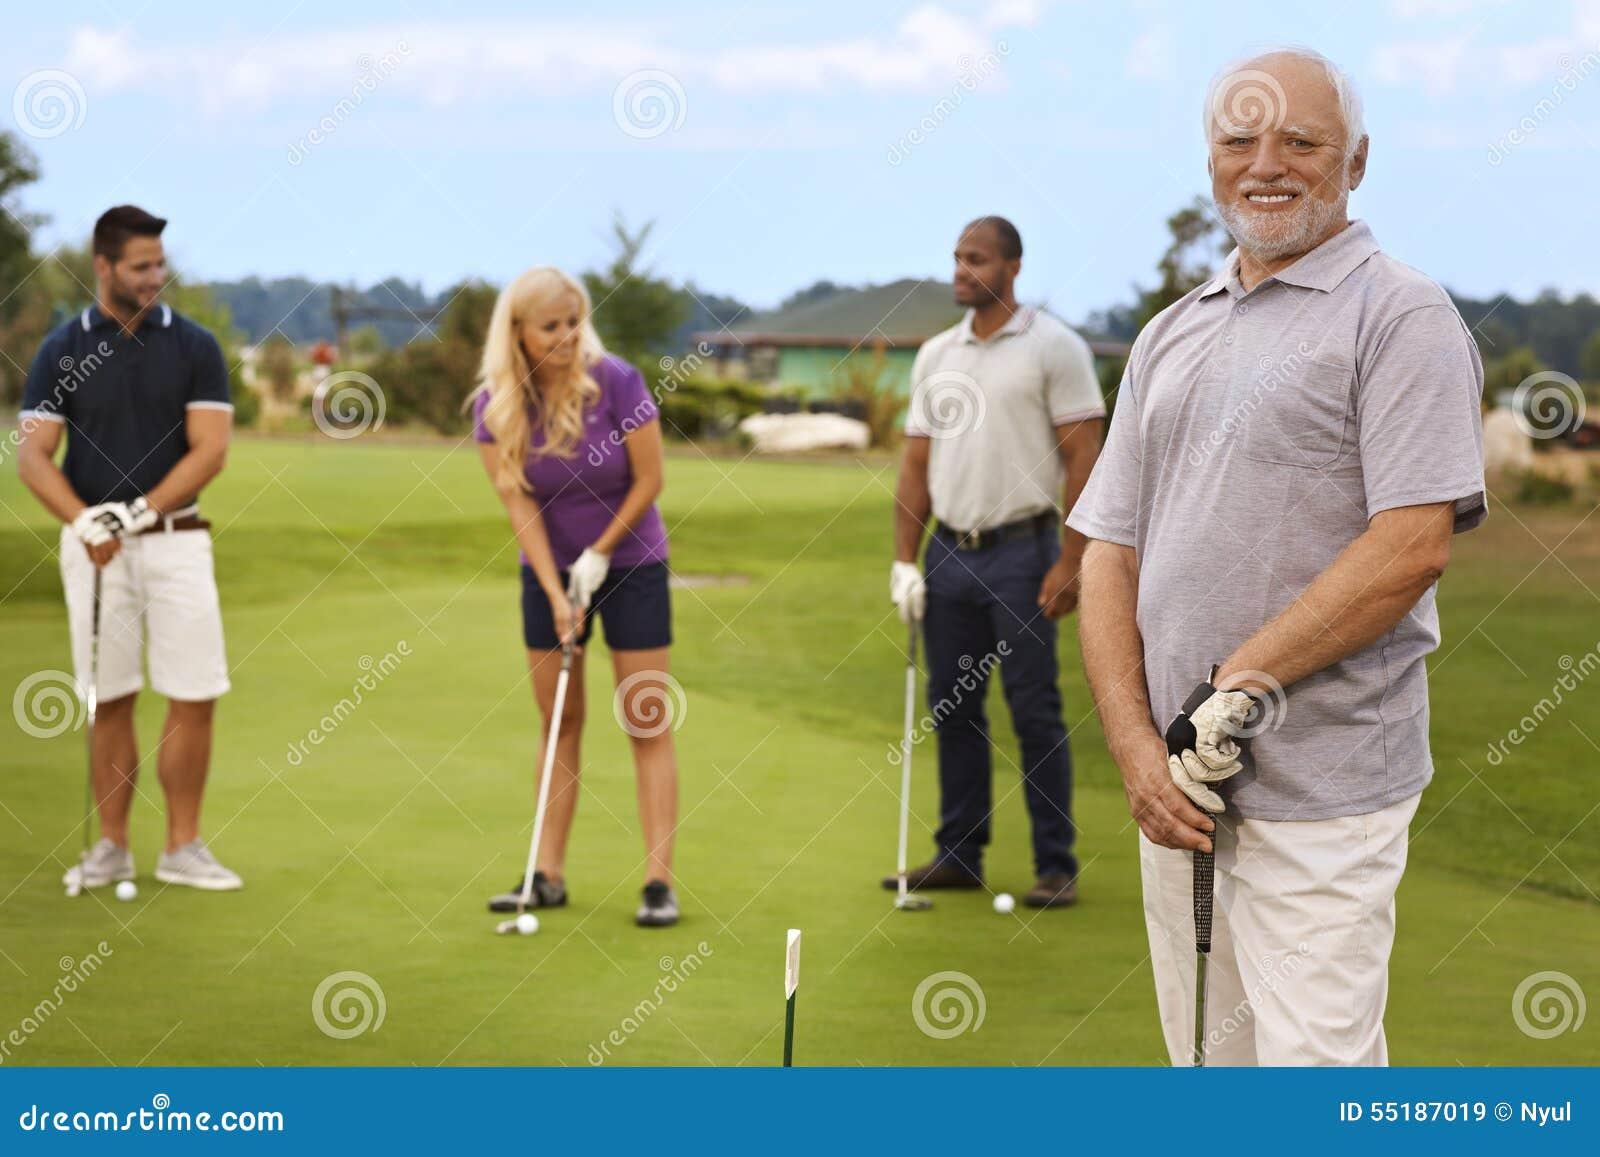 Portret aktywny senior na polu golfowym